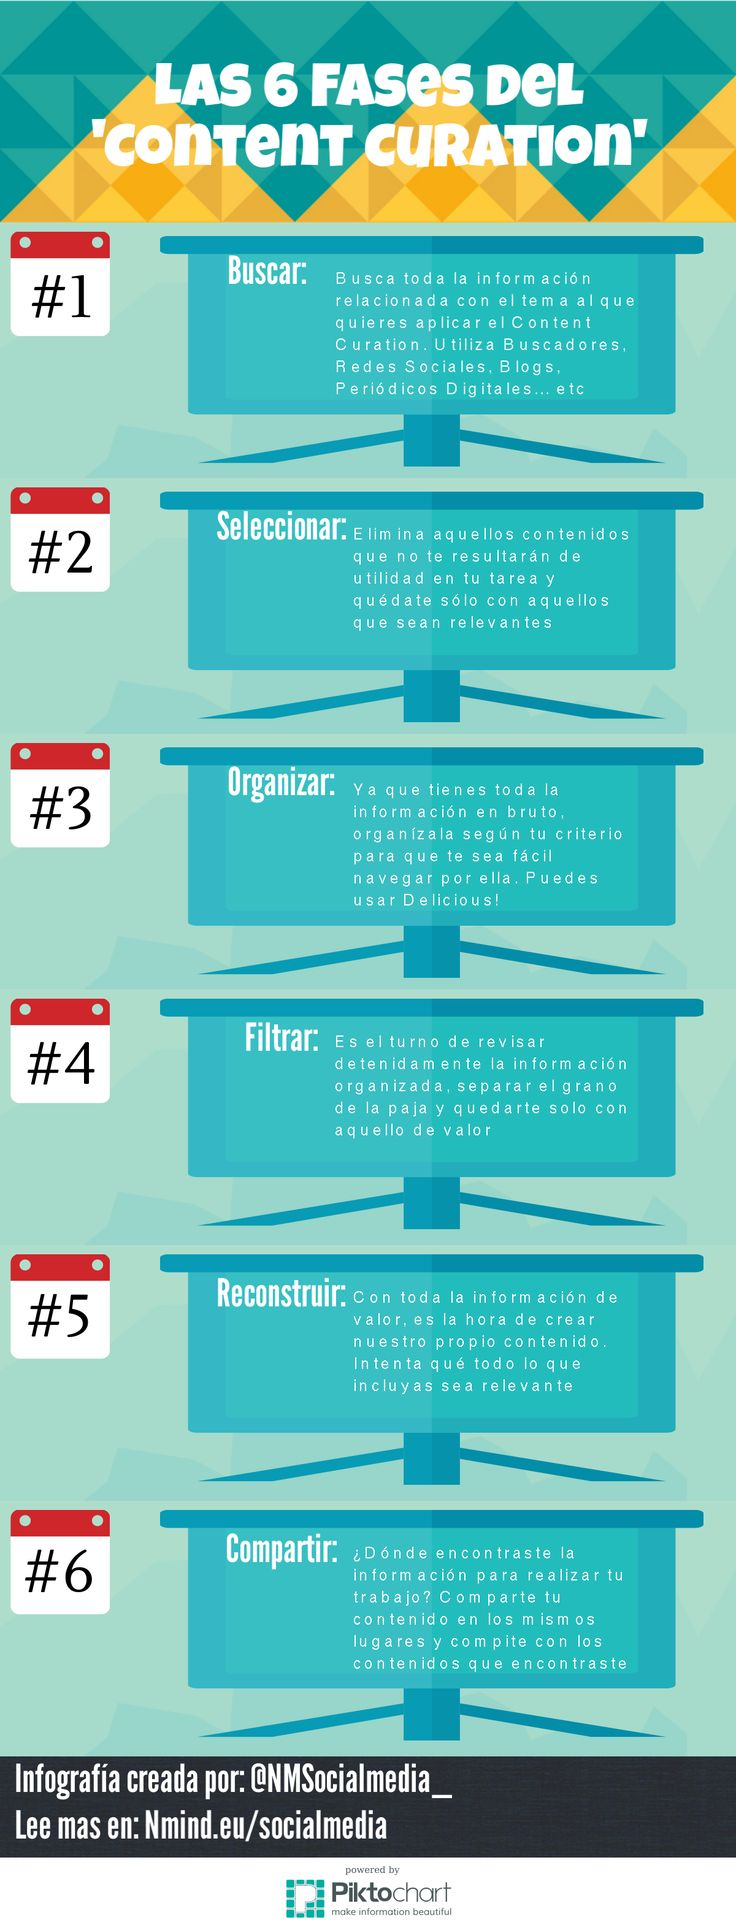 Las 6 etapas de la Curación de Contenido #contentcuration #socialmedia #marketing follow @pyra2elcapo